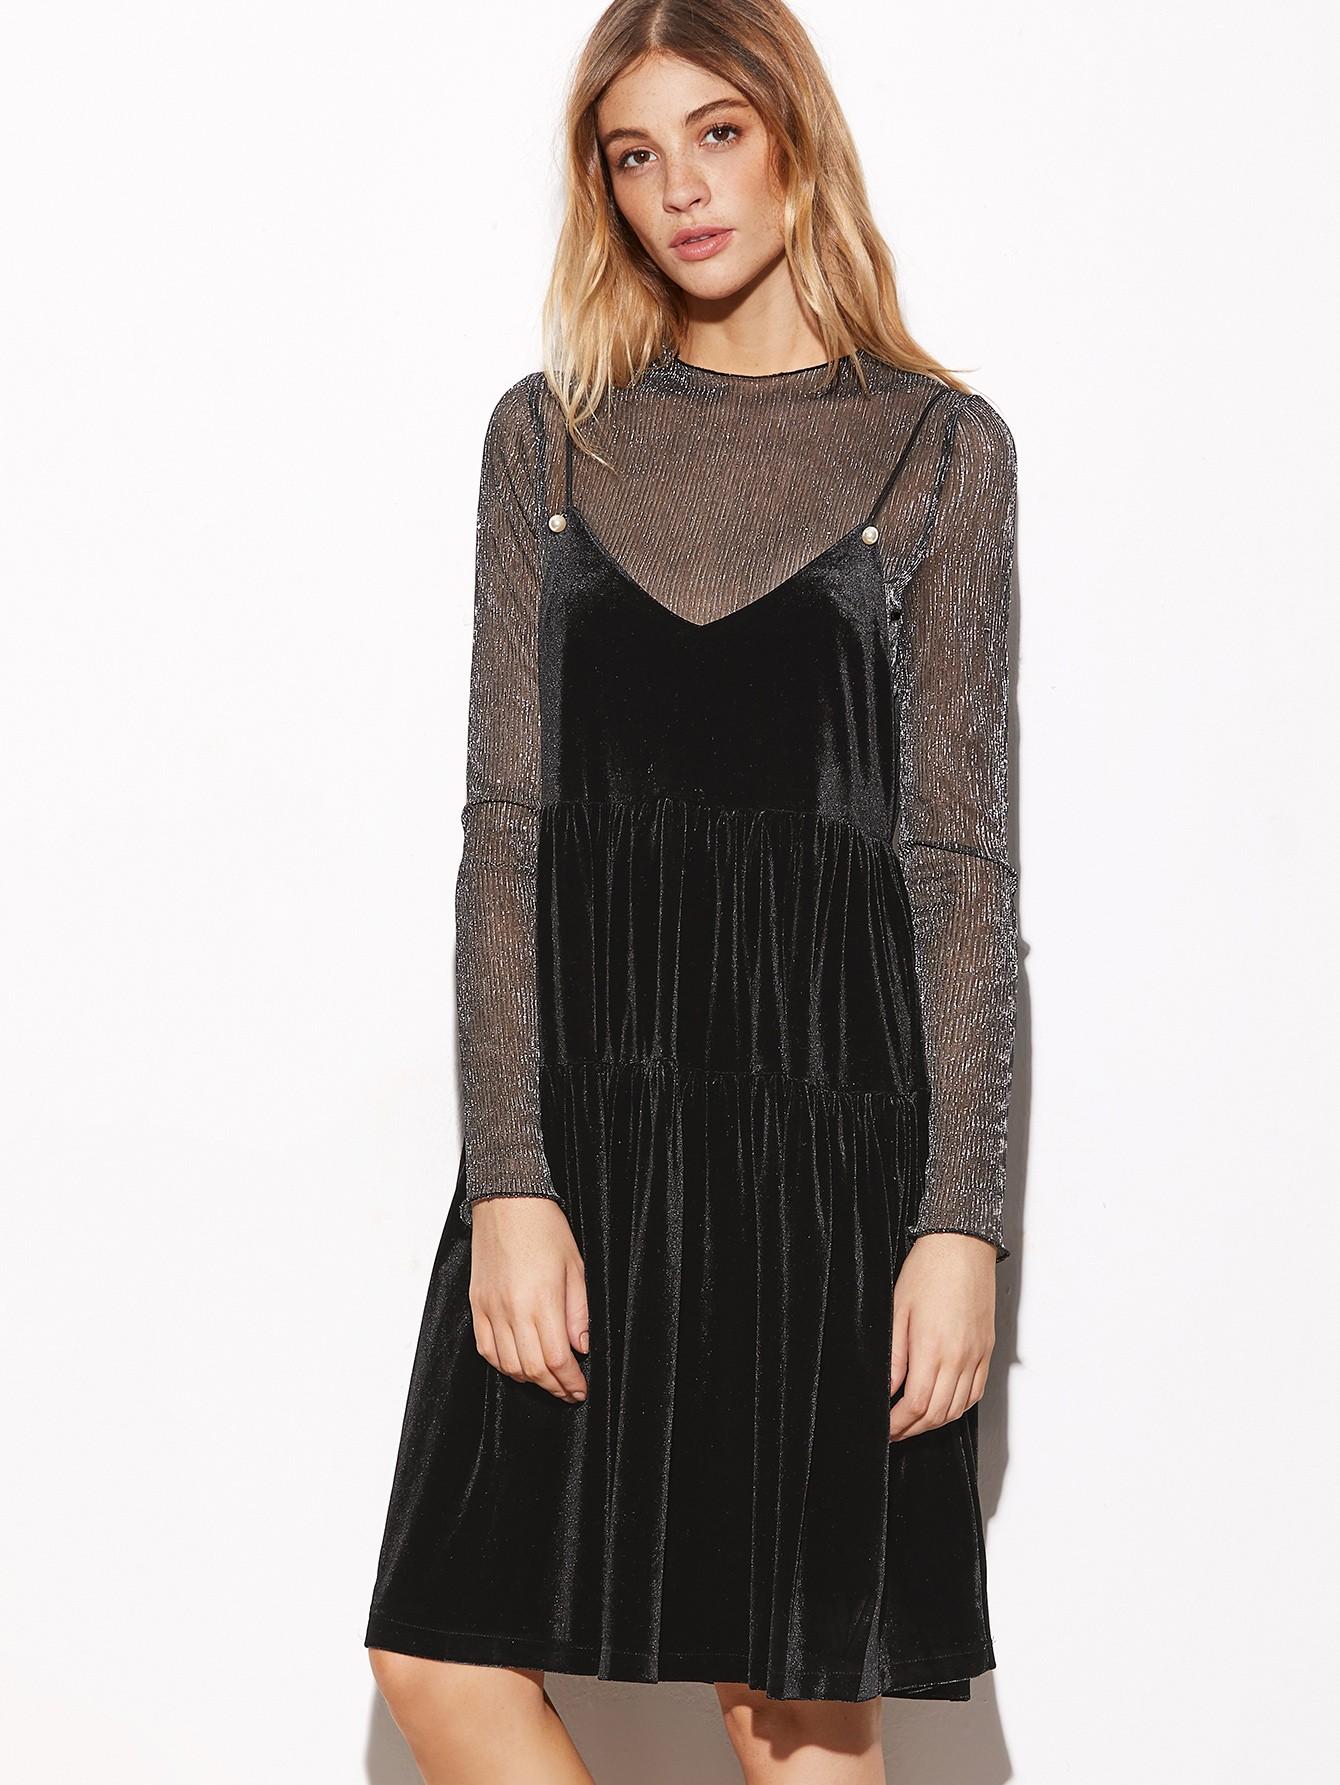 Модные женские платья сезона Осень-2018: сарафан бархатный черный поверх водолазки